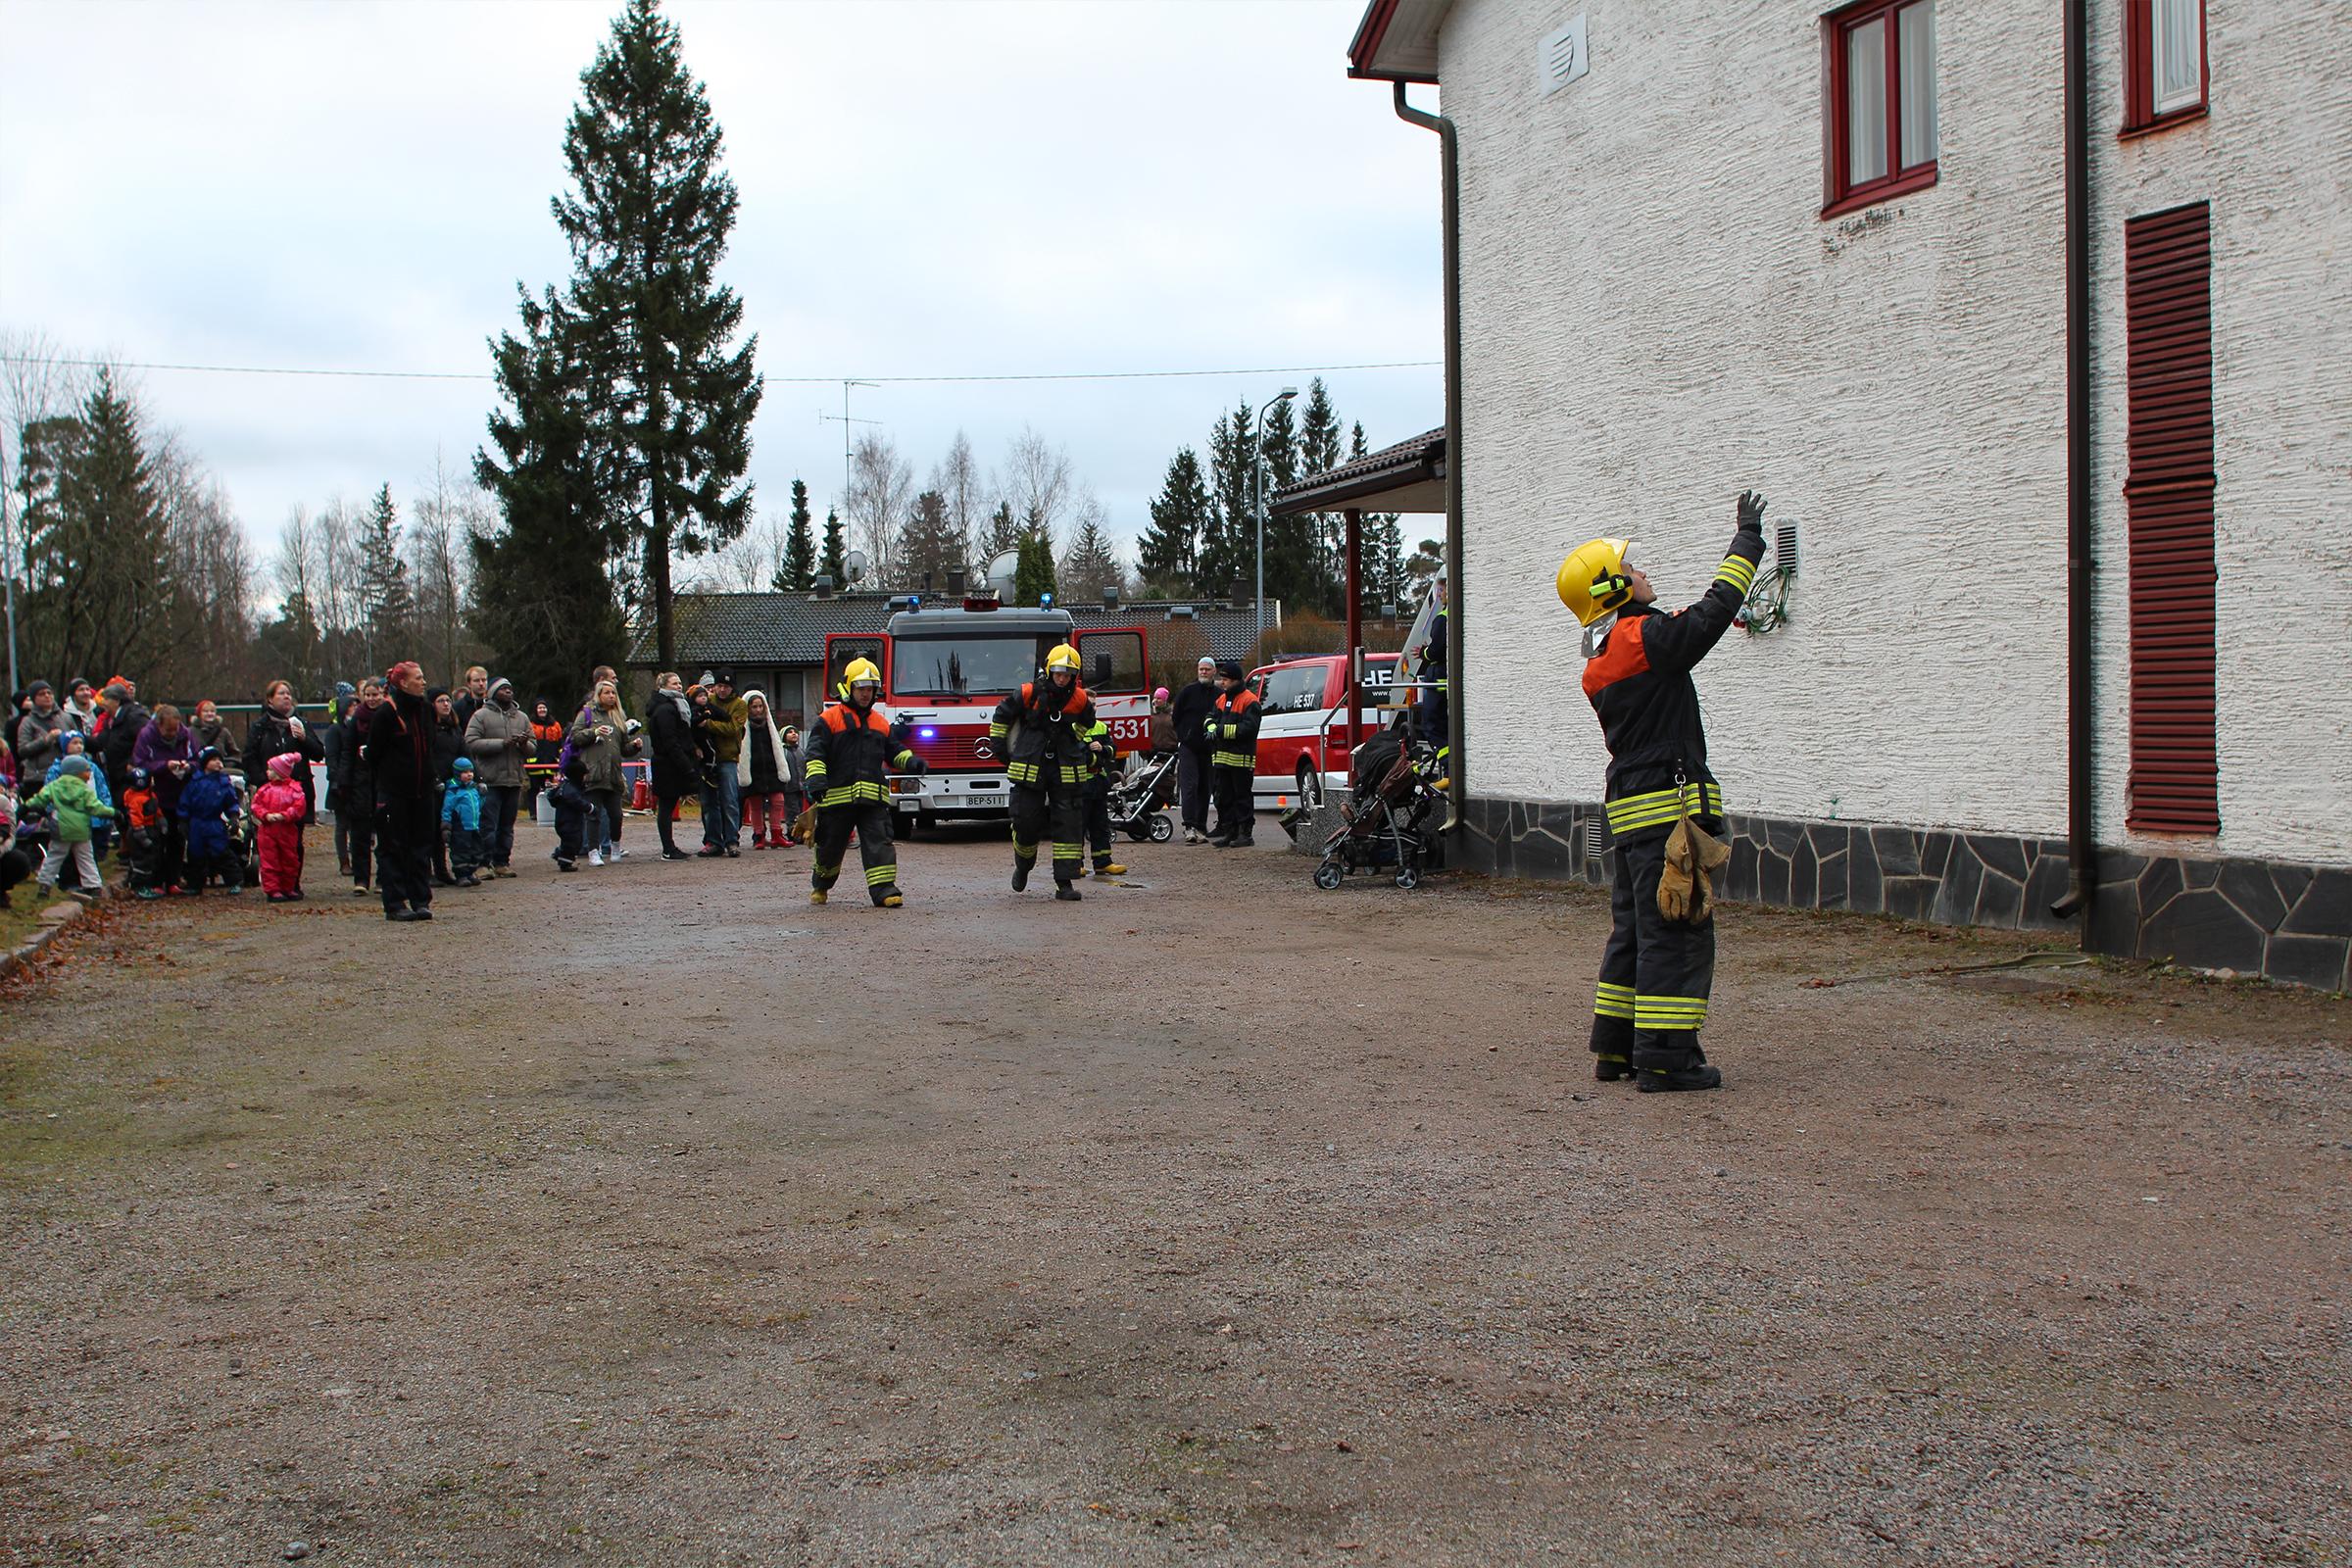 Toimintanäytös paloaseman pihalla Päivä Paloasemalla -tapahtumassa vuonna 2019.